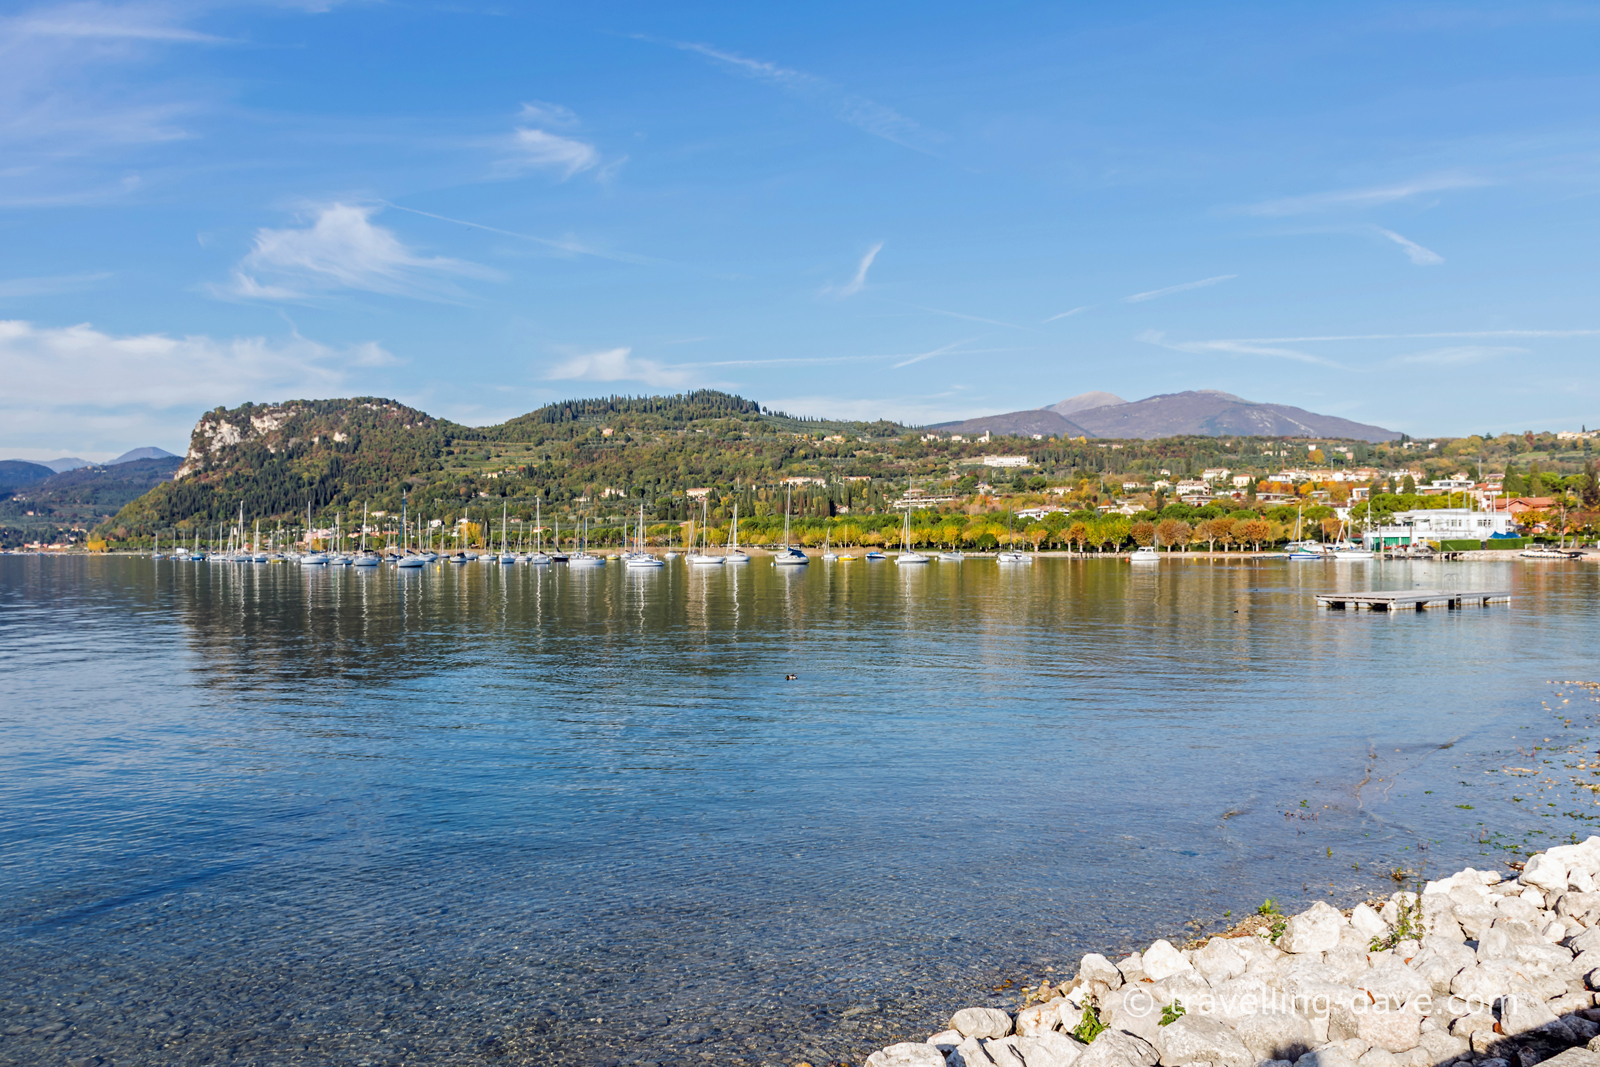 Lake Garda on a calm November day